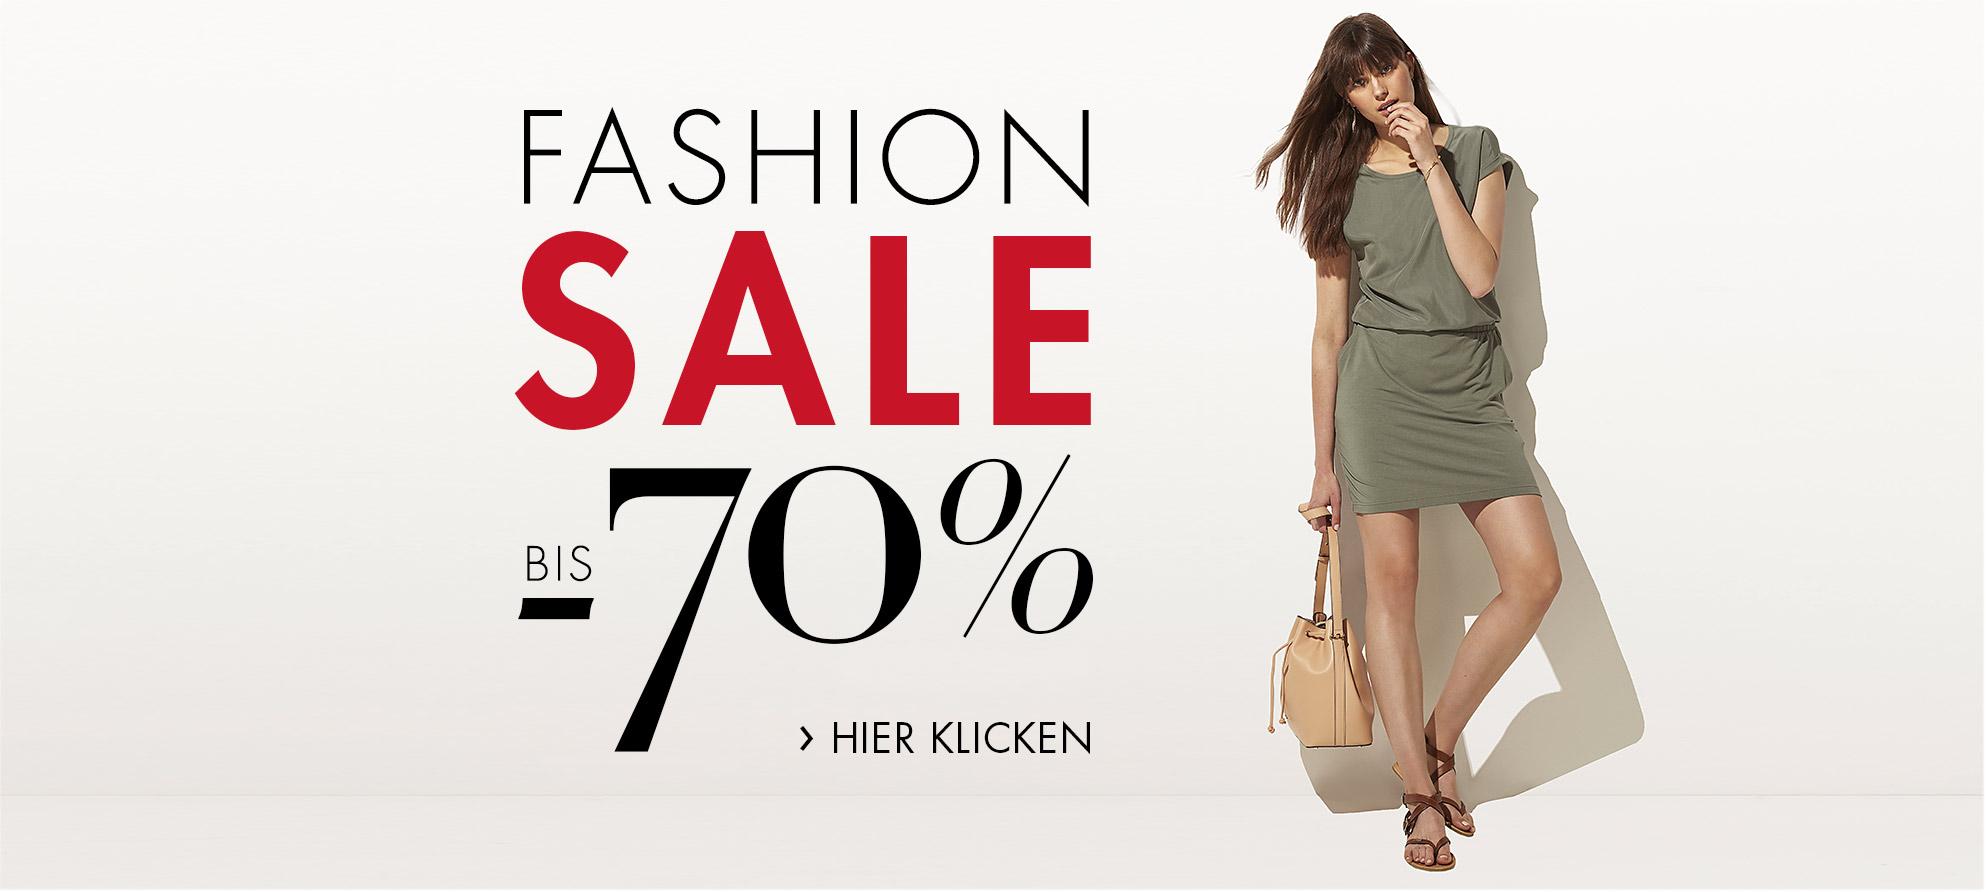 Fashion Sale 70%